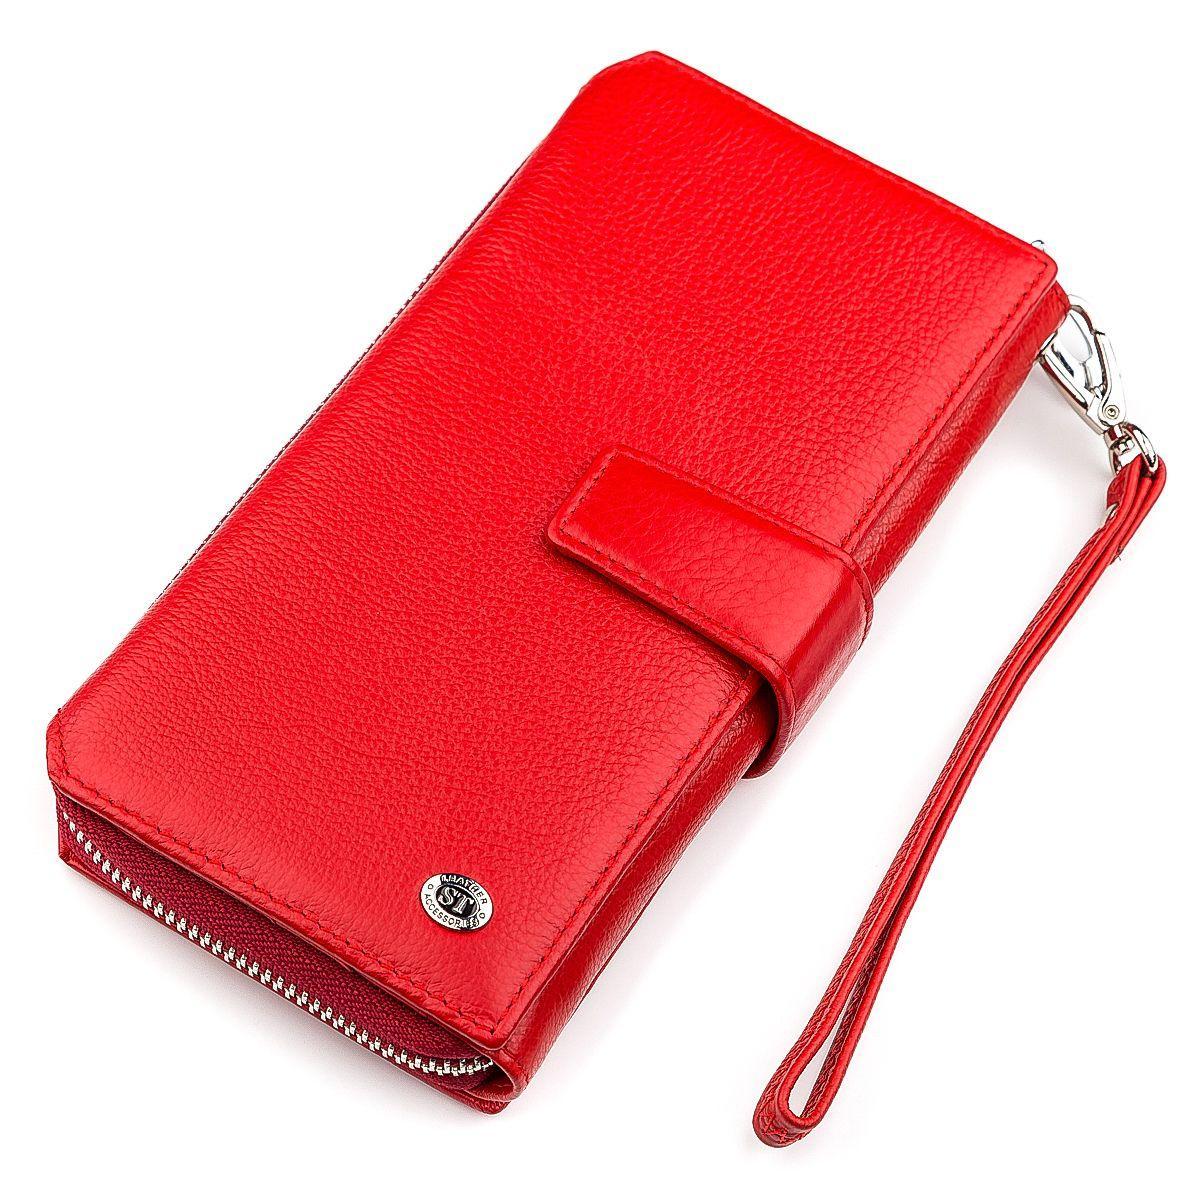 Кошелек женский ST Leather 18456 (SТ228) очень красивый Красный, Красный